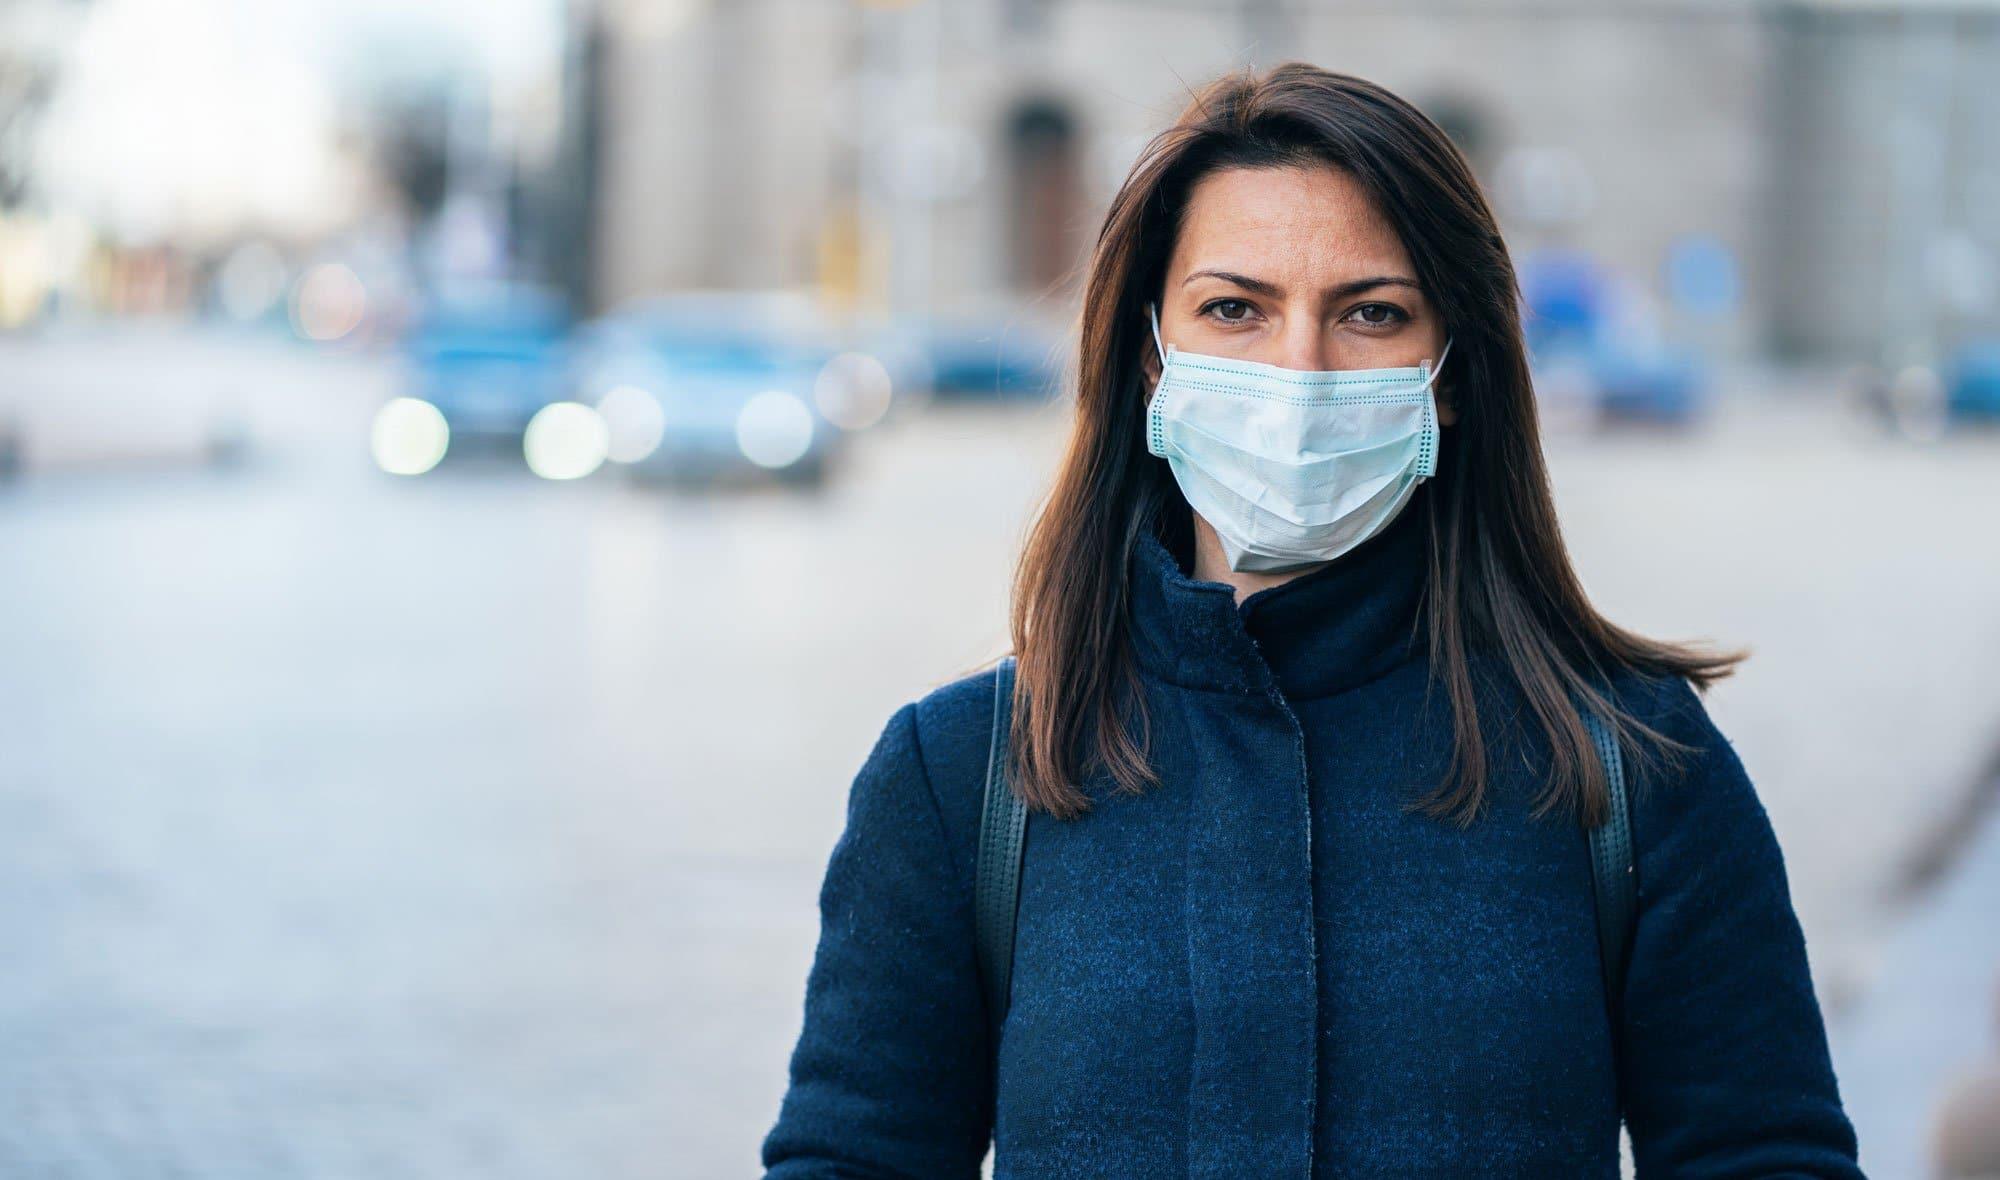 Finalmente ci permettono di respirare: da domani via la mascherina all'aperto. Ma chi soffre di fobia sociale continuerà ad usarla